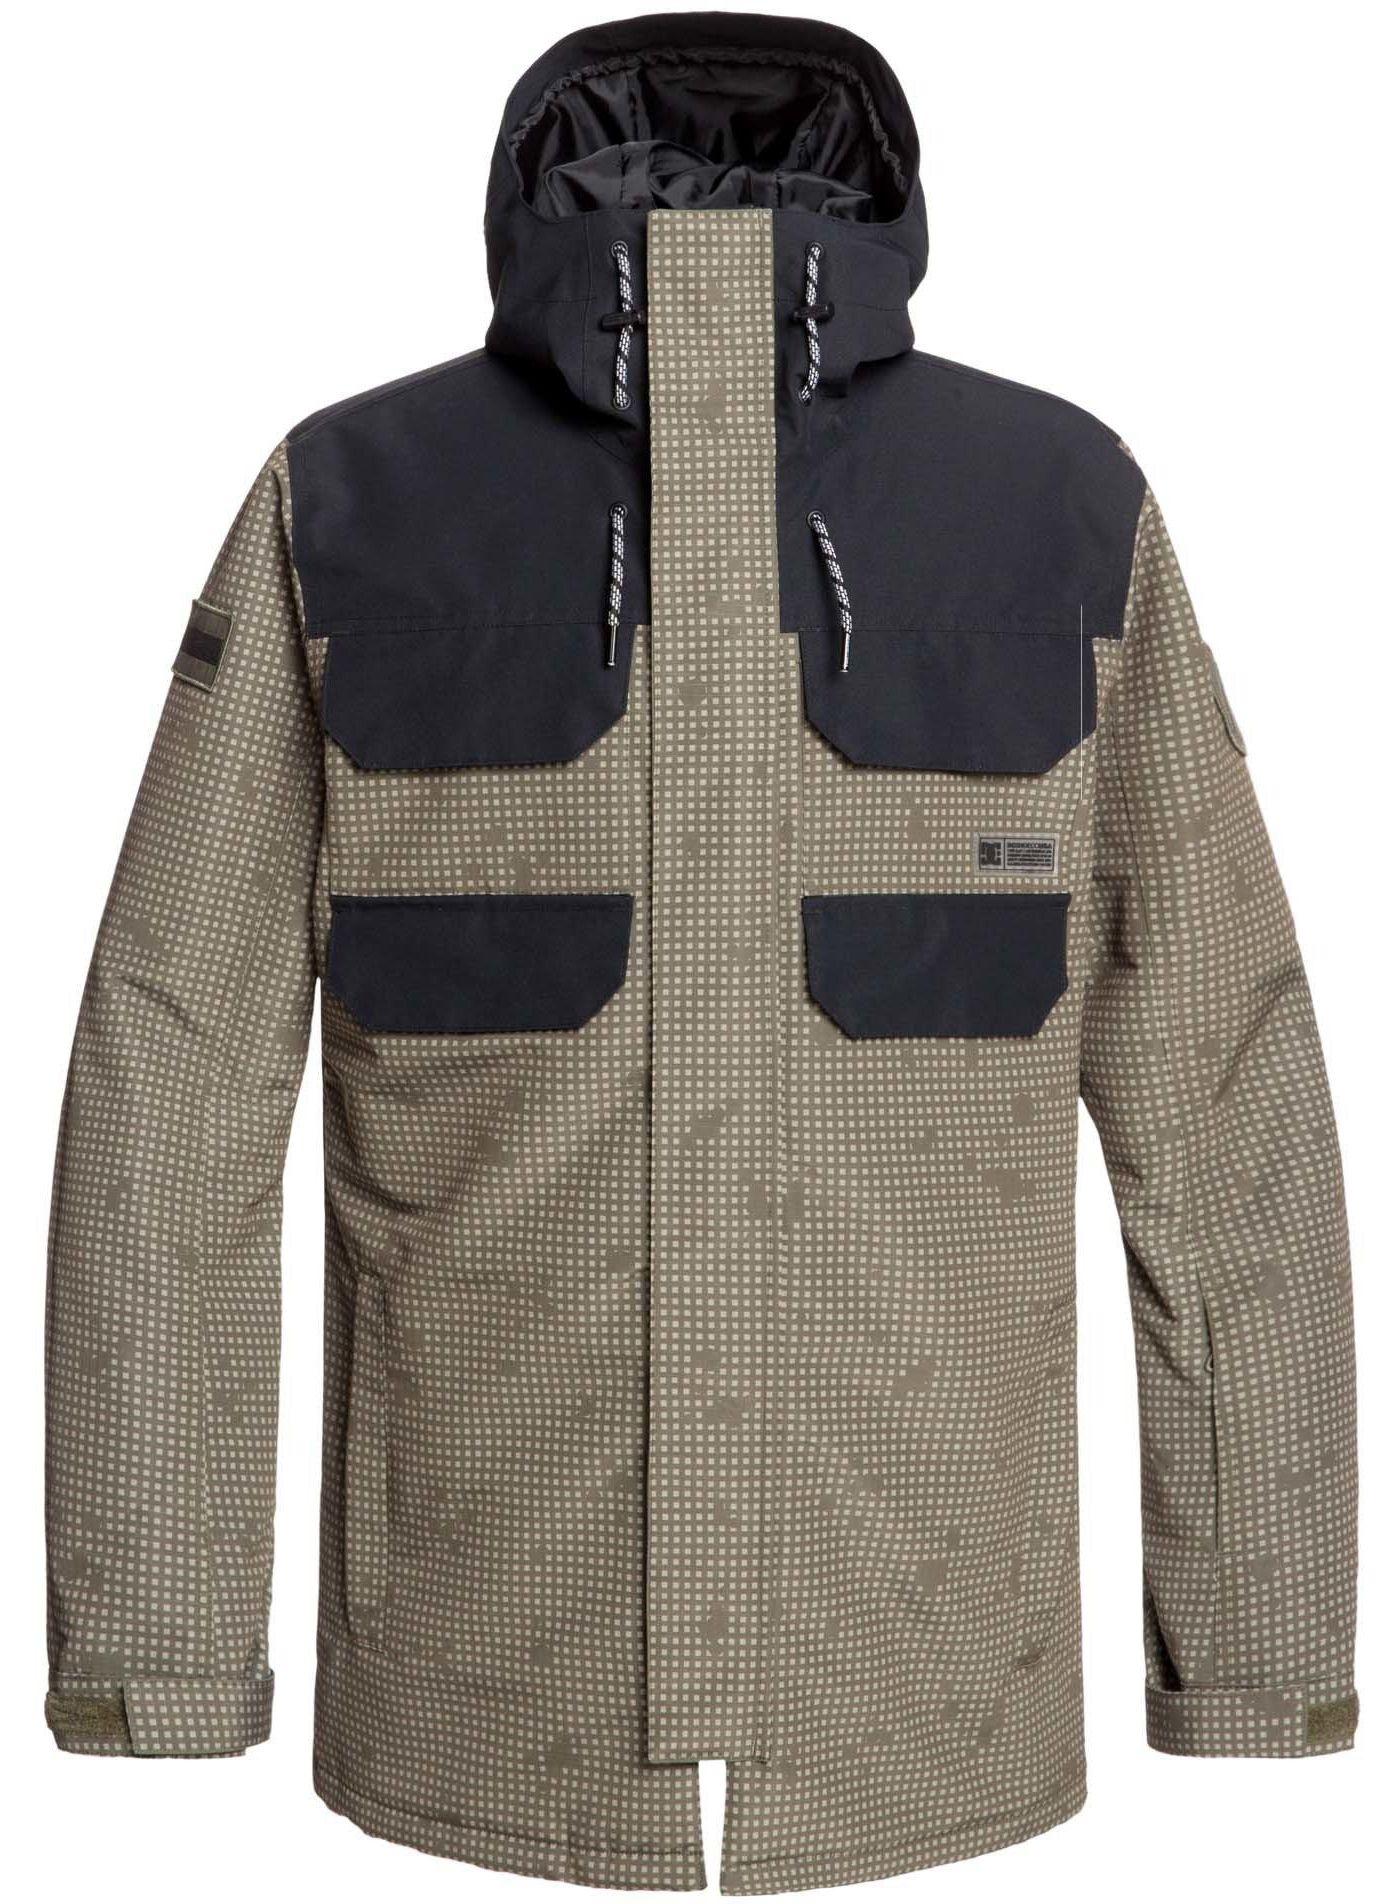 DC Shoes Men's Haven Snow Jacket